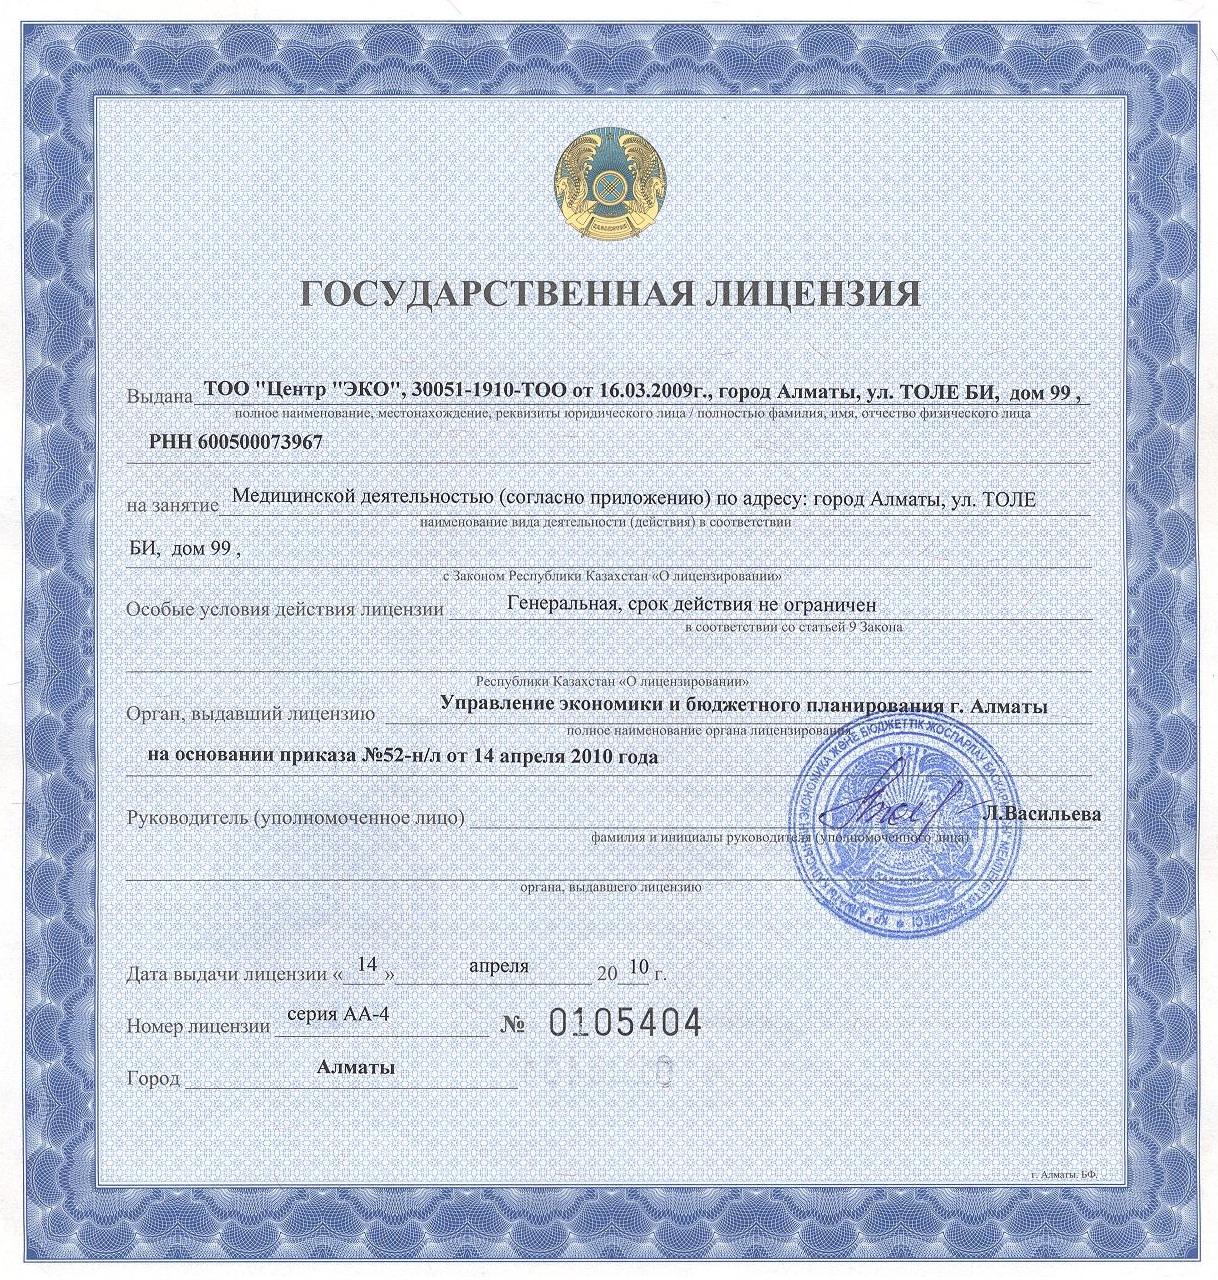 Лицензии, сертификаты фото